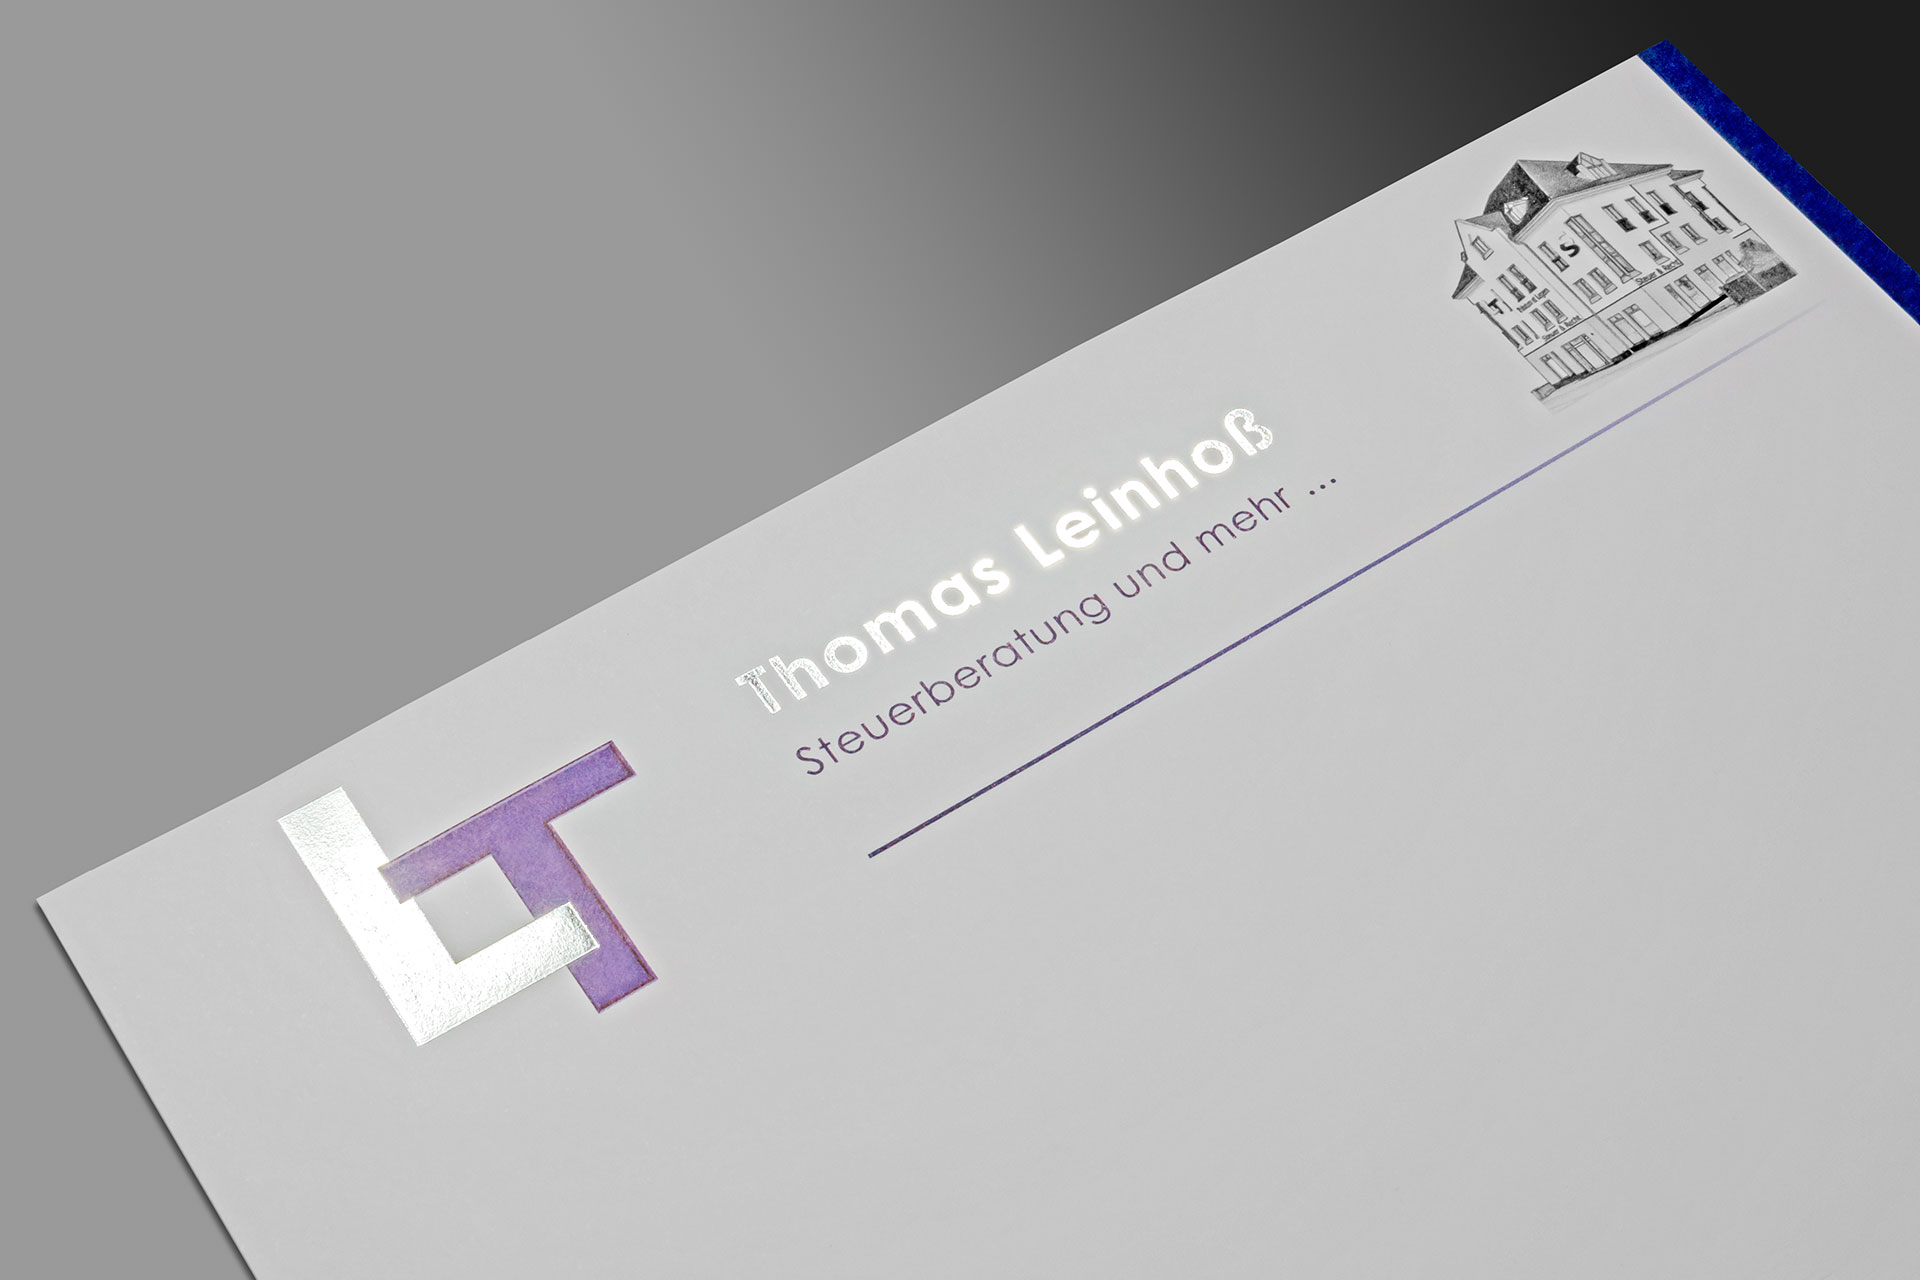 Folienprägung auf dem Briefpapier der Steuerkanzlei Thomas Leinhoß